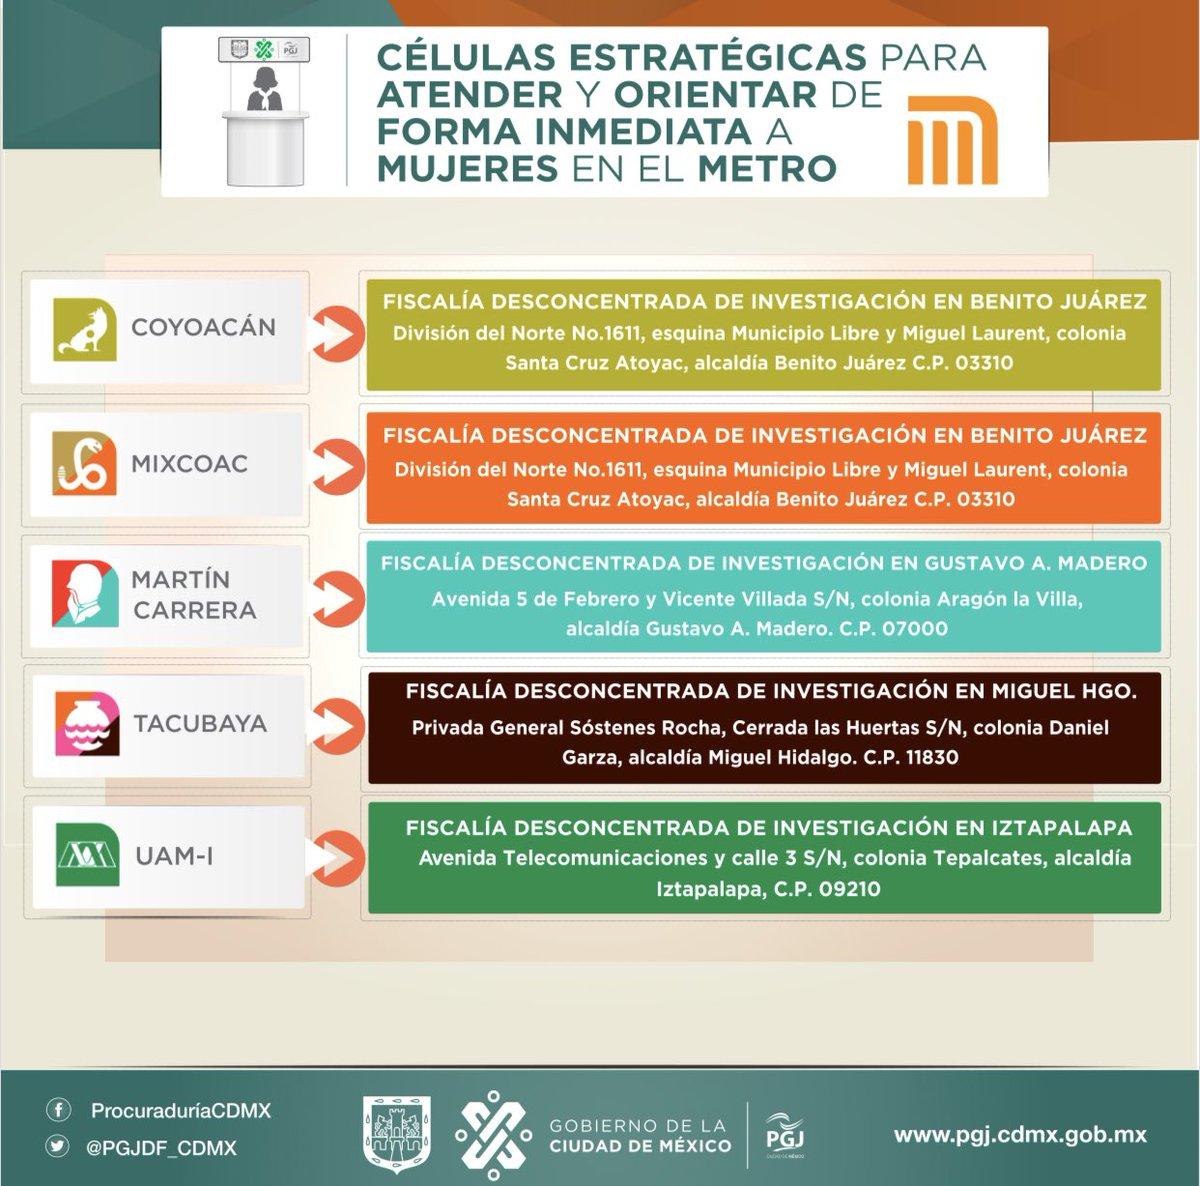 Se informa a la ciudadanía el horario de las Células Estratégicas para atención a usuarias del @MetroCDMX: de 09:00 AM a 7:00 PM de lunes a domingo. Estos puntos tienen el objetivo de incentivar la denuncia y atender inmediatamente a mujeres víctimas de violencia @ErnestinaGodoy_